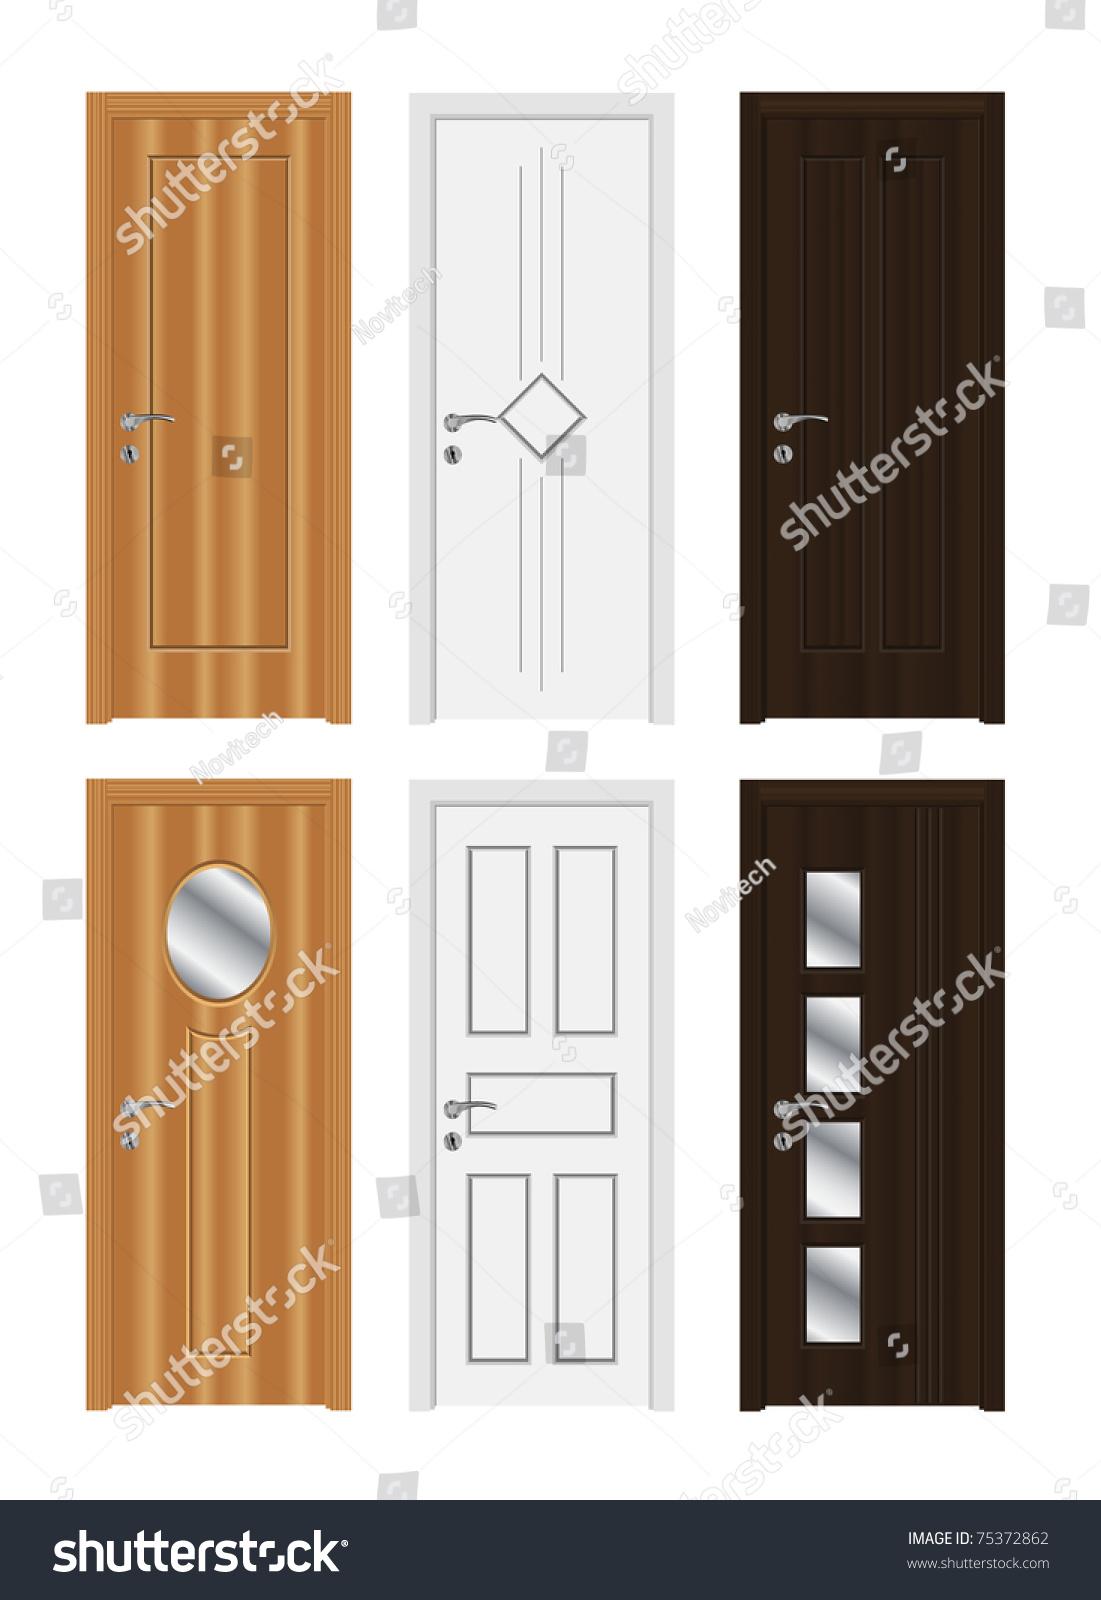 Wooden Door Types High Detailed Realistic Doors Stock